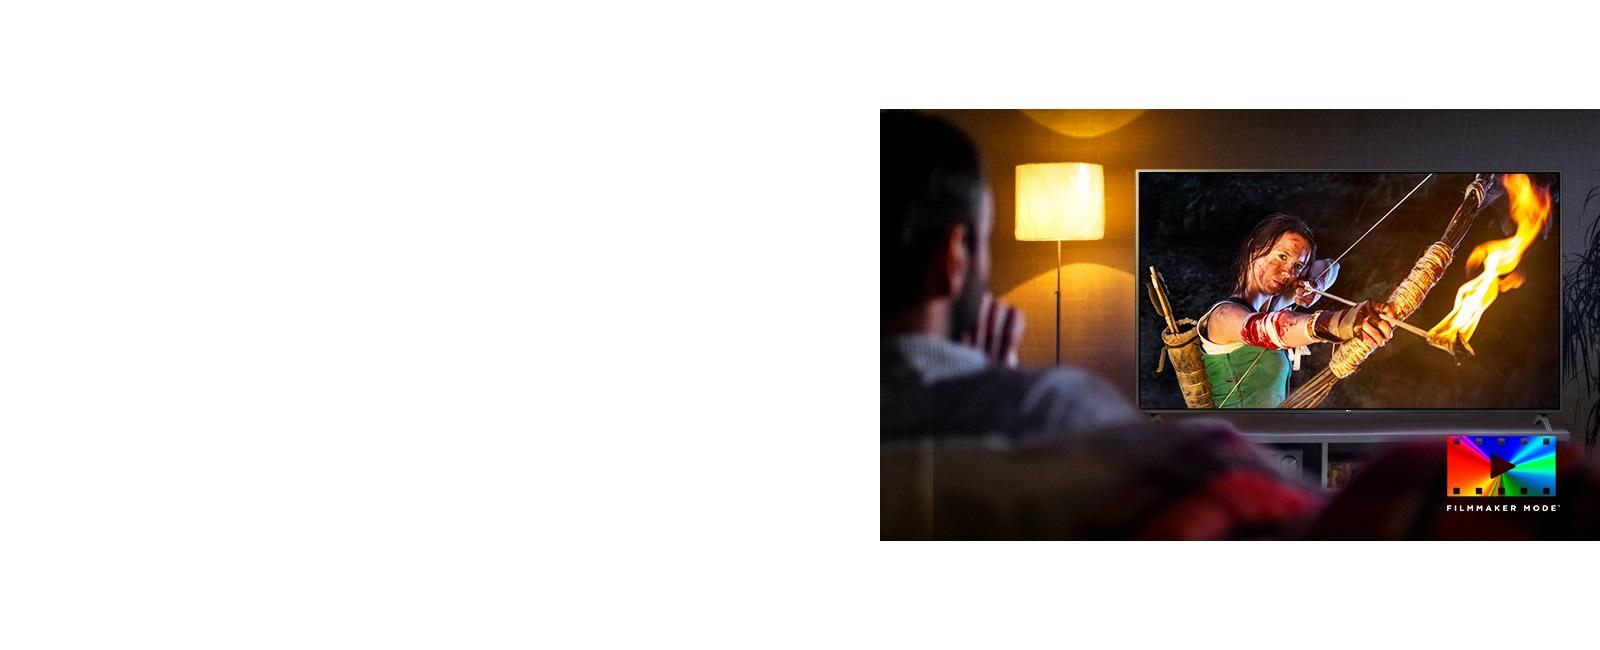 Seorang pria duduk di sofa sambil menonton film laga. Gadis di TV membawa busur dan anak panah yang ditarik penuh.